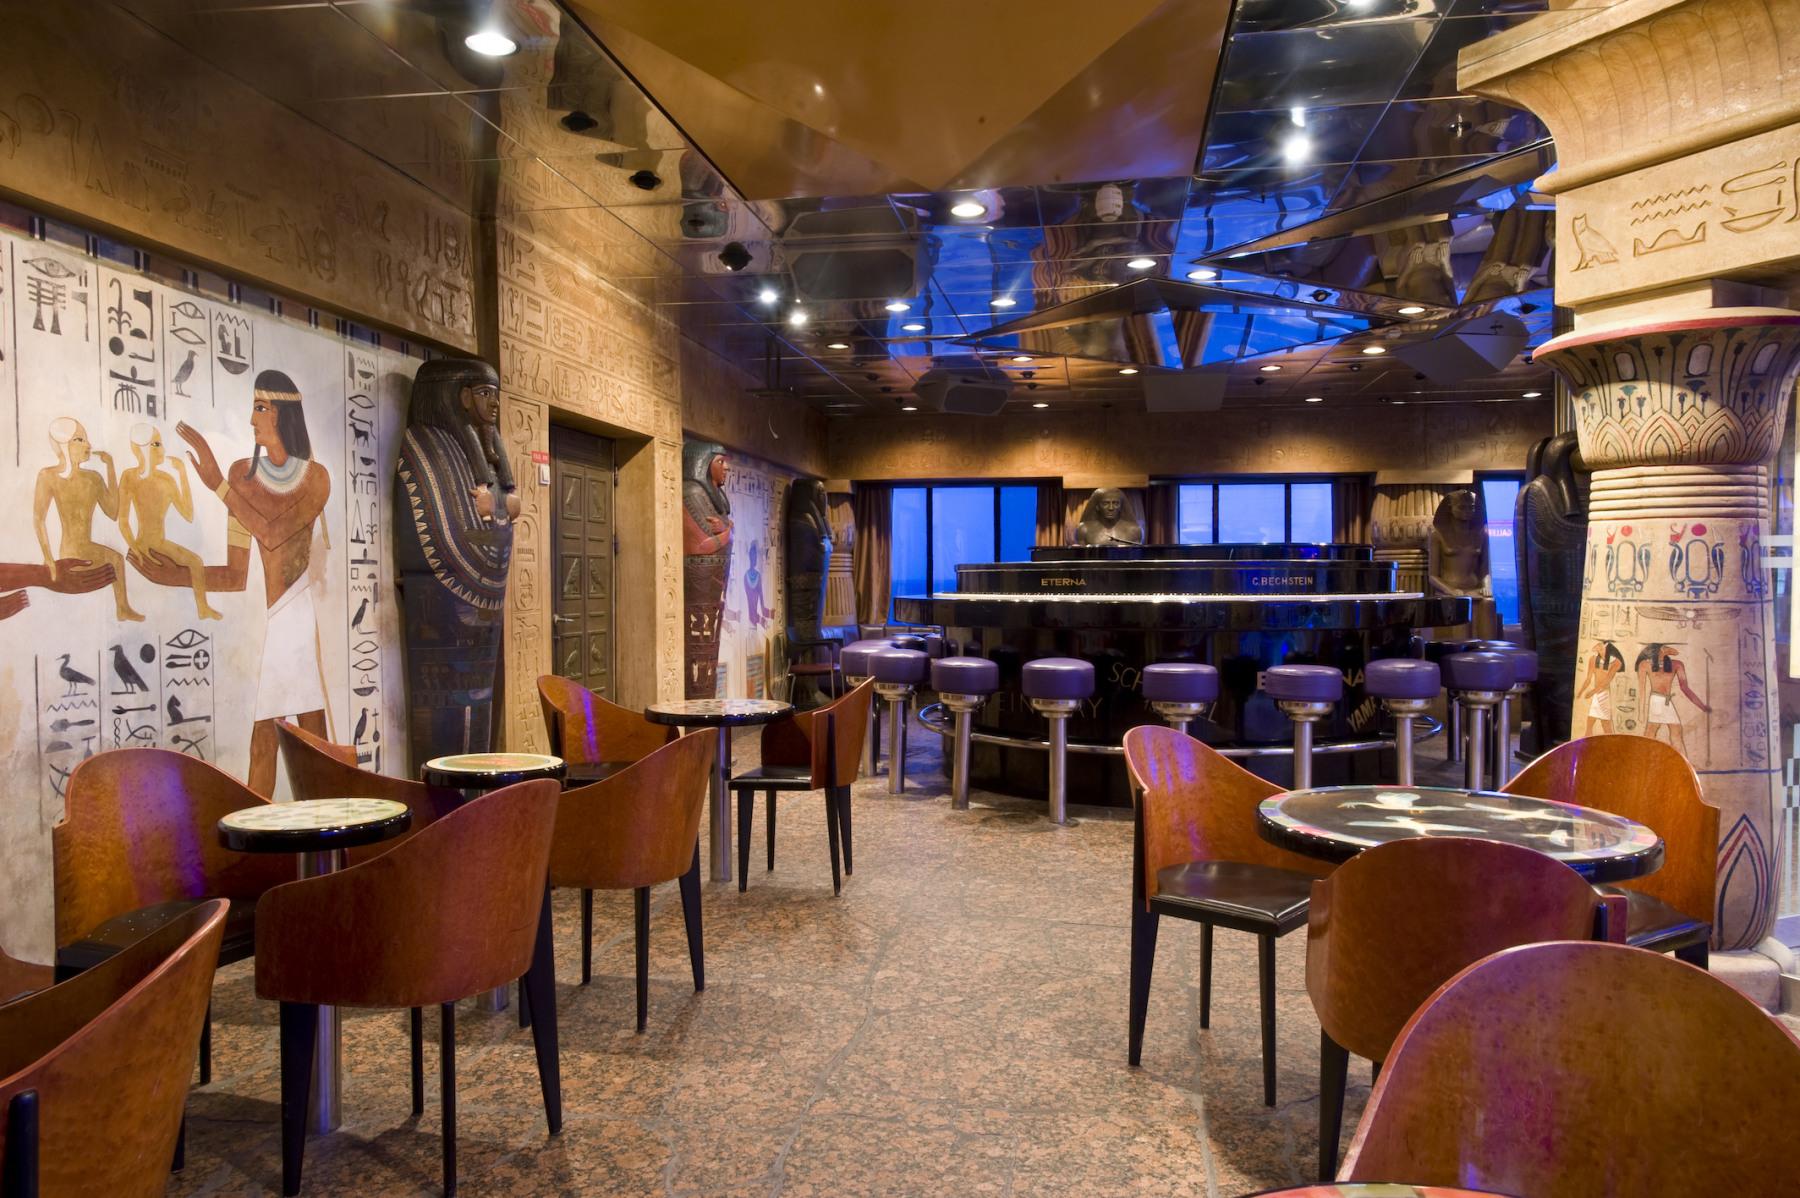 Carnival Fantasy Cleopatra Piano Bar 1.jpg